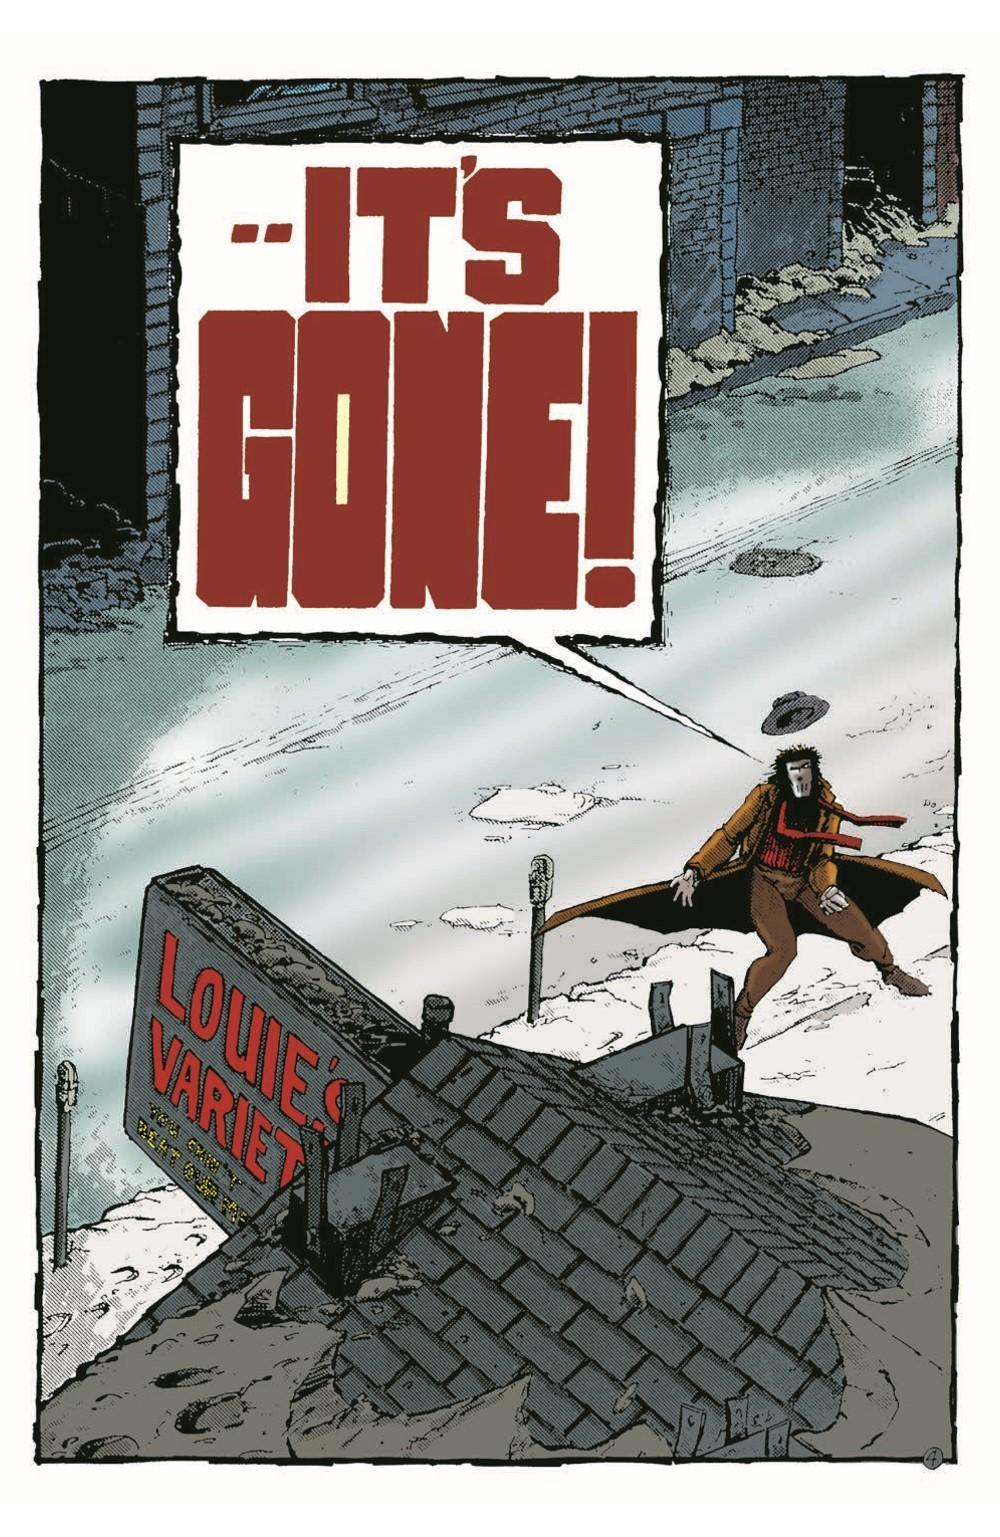 TMNT-Bestof-Casey_pr-7 ComicList Previews: TEENAGE MUTANT NINJA TURTLES BEST OF CASEY JONES #1